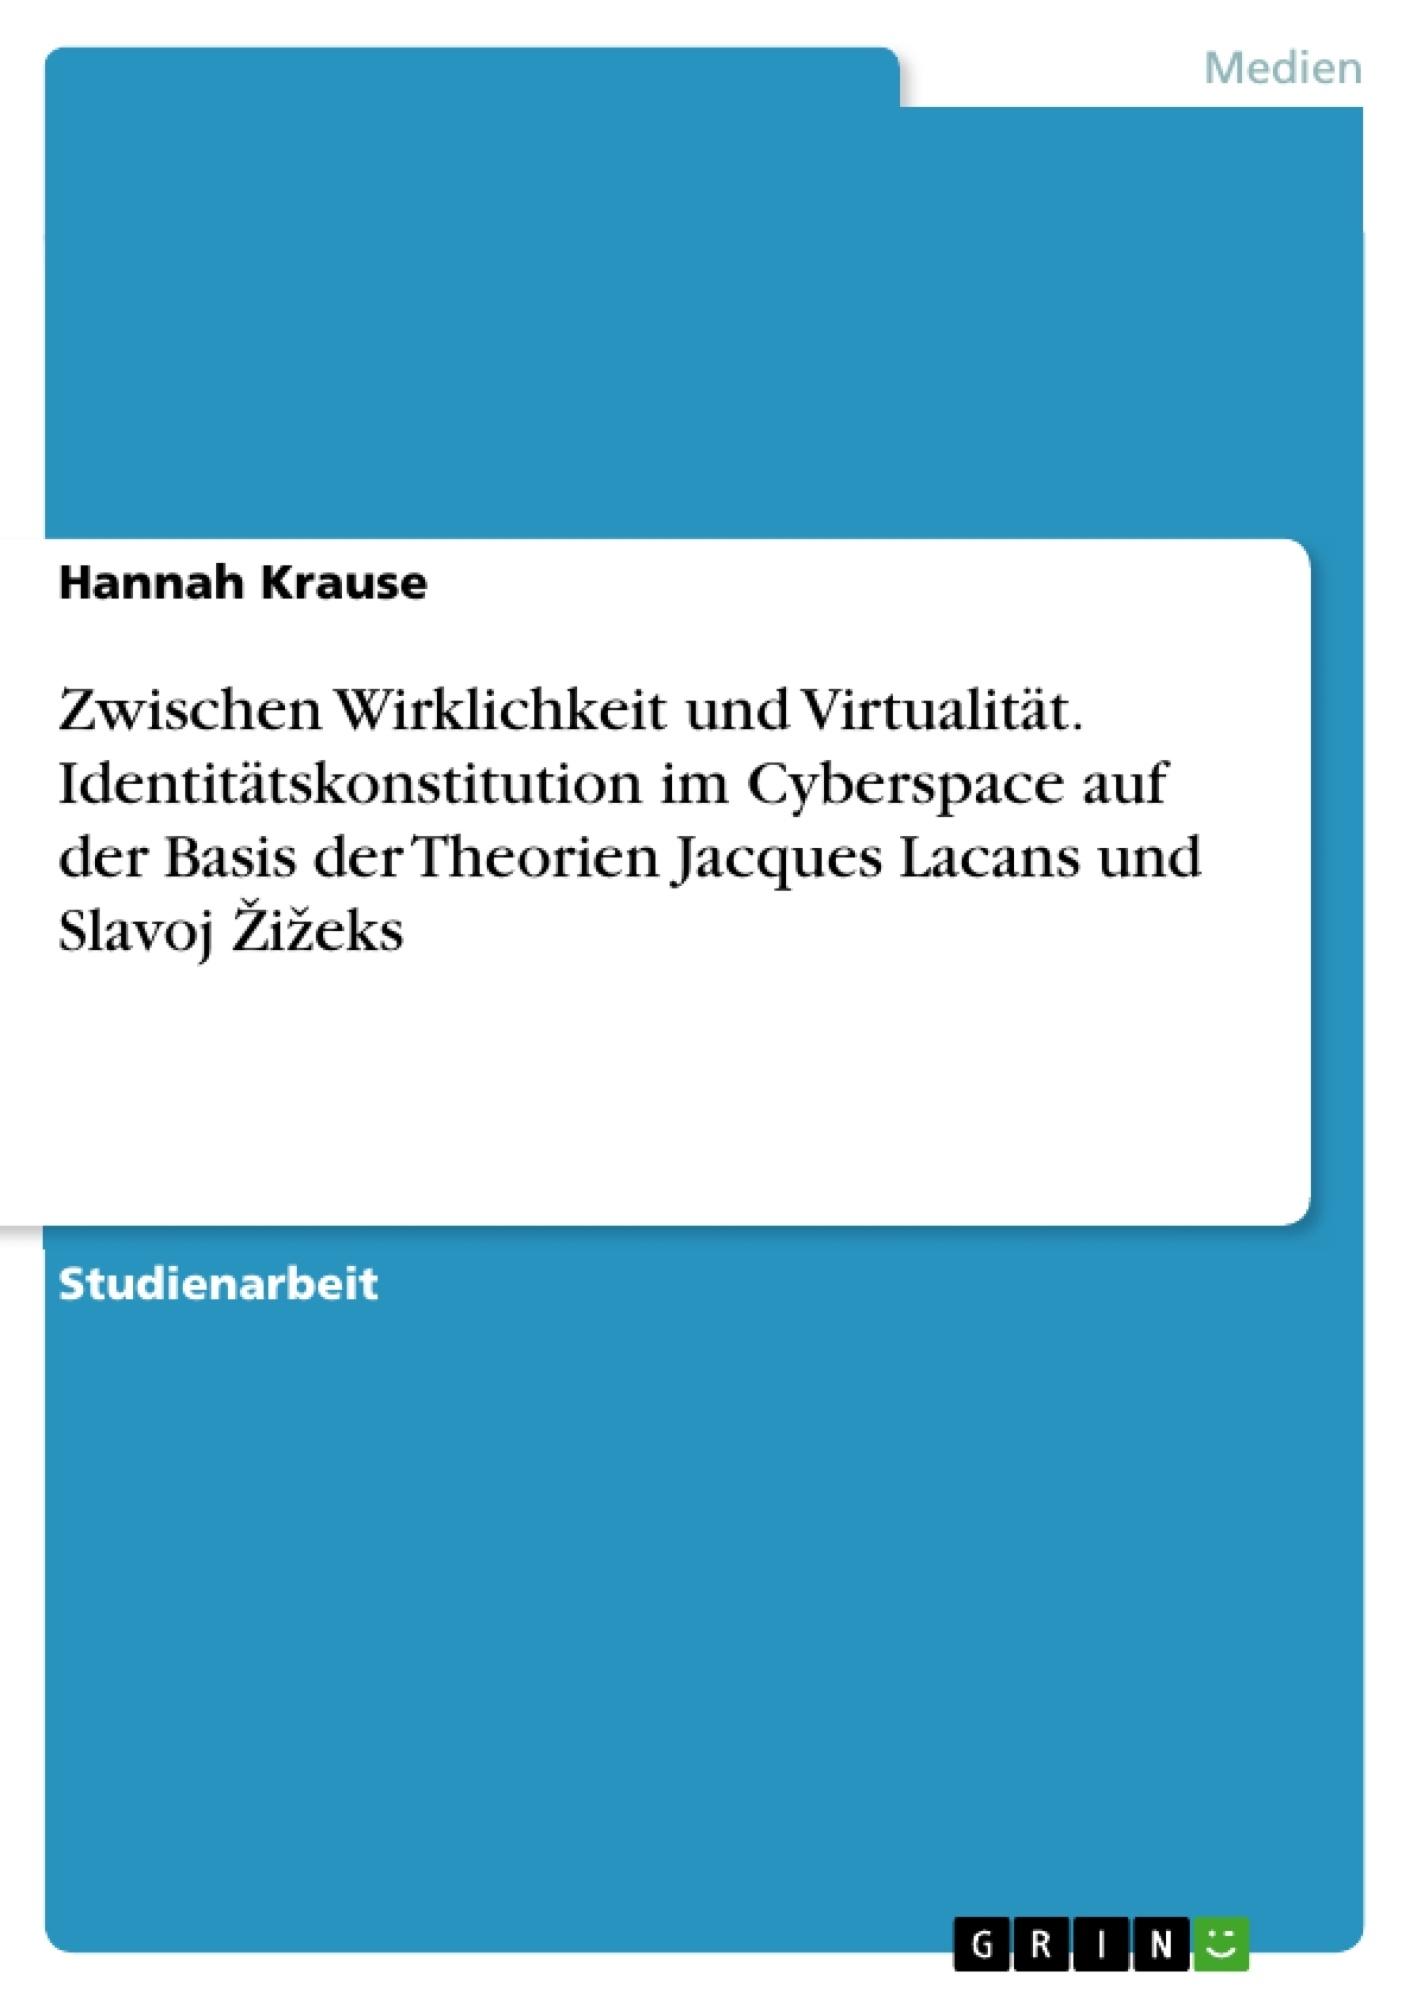 Titel: Zwischen Wirklichkeit und Virtualität. Identitätskonstitution im Cyberspace auf der Basis der Theorien Jacques Lacans und Slavoj Žižeks